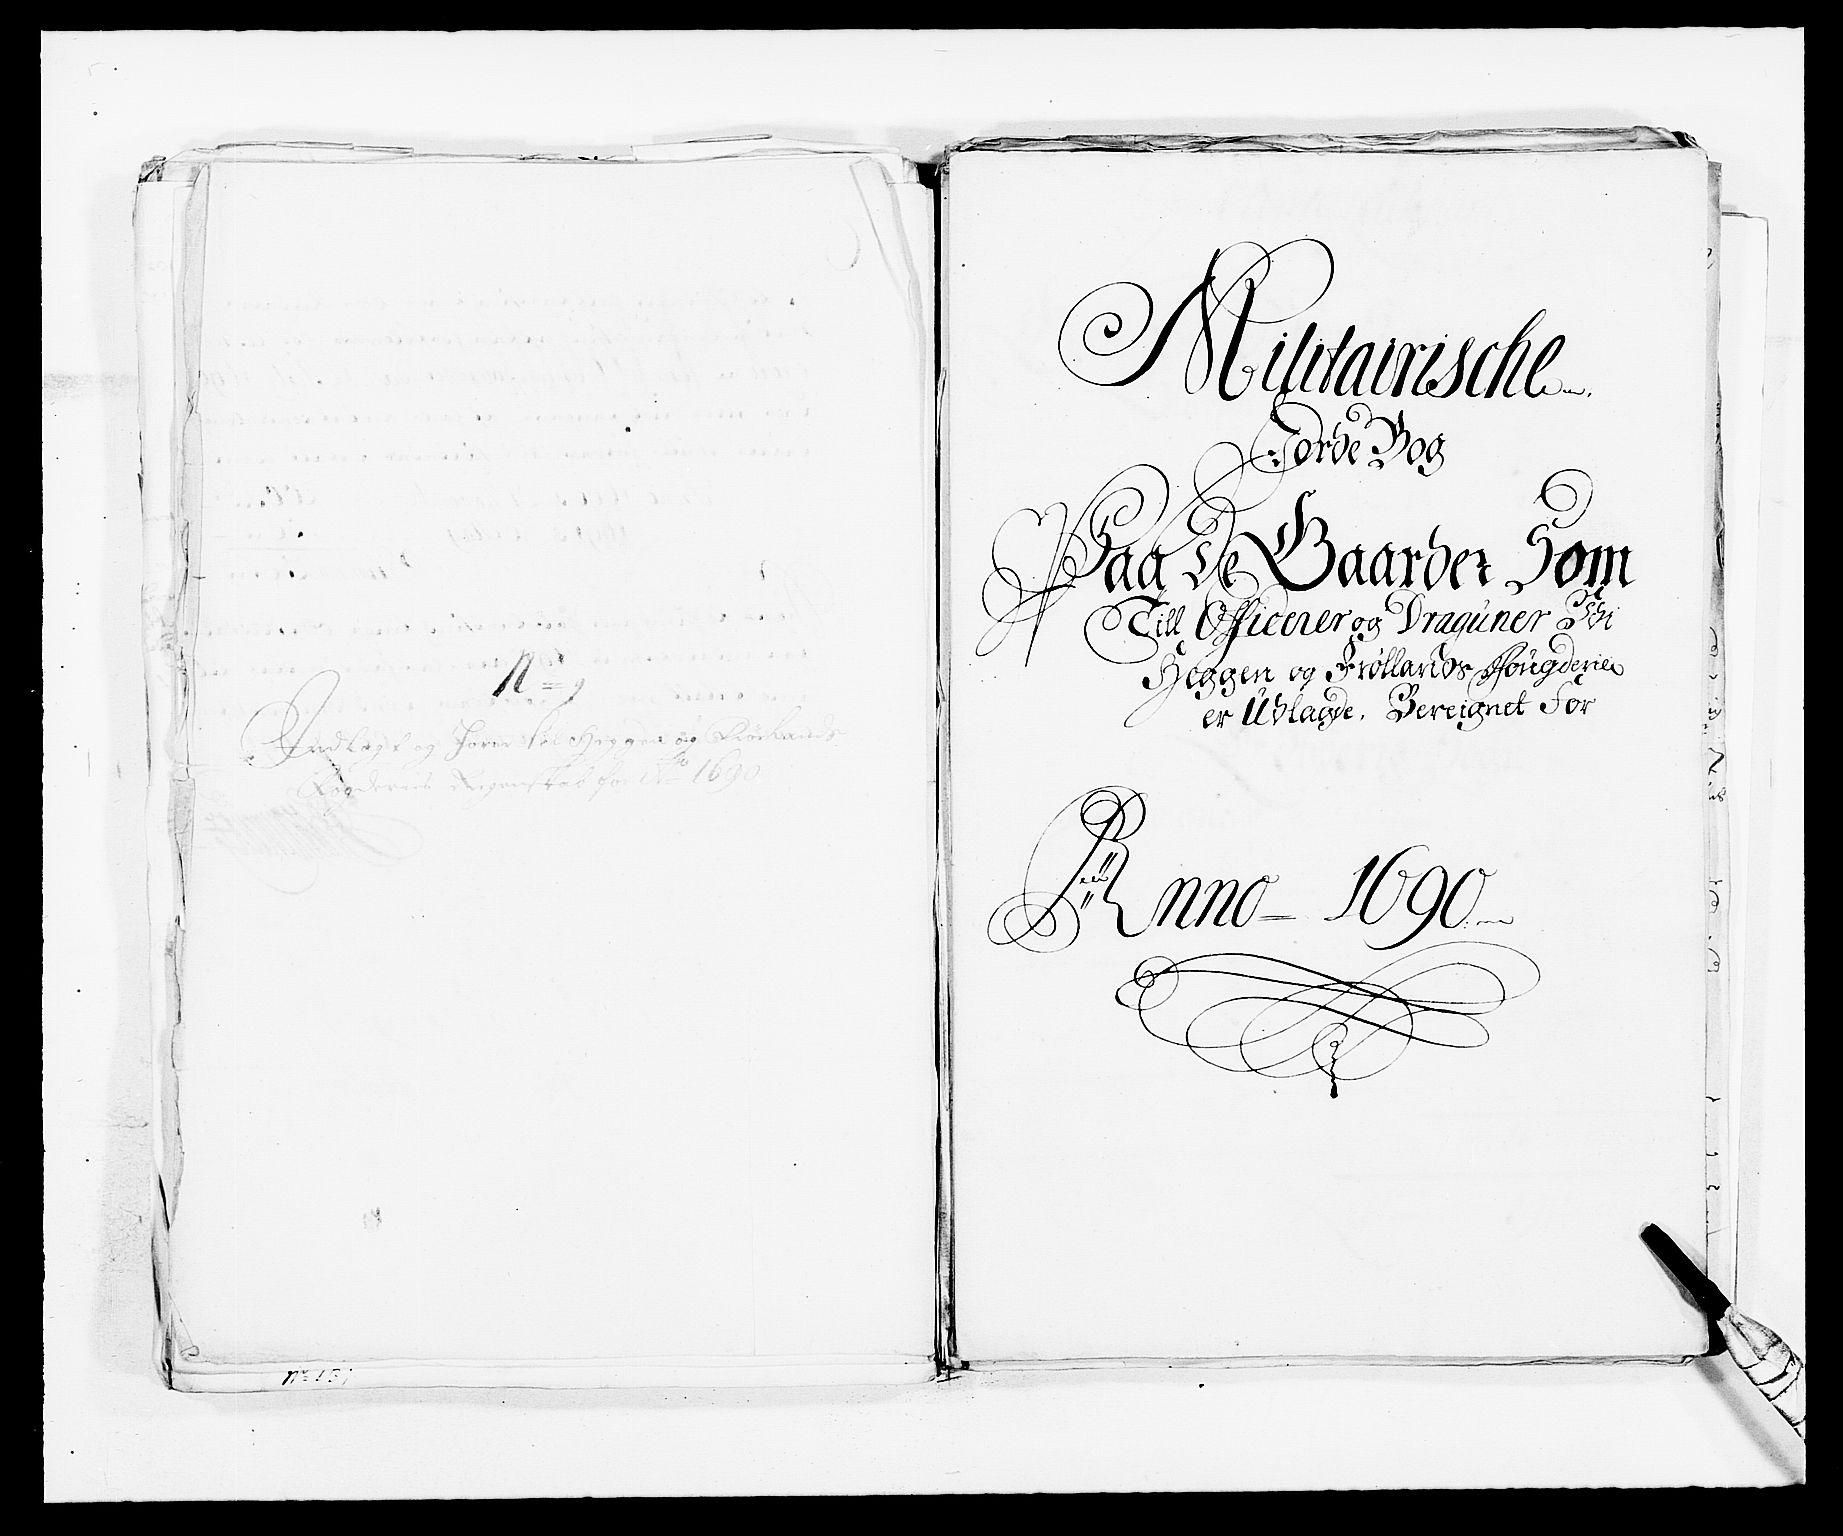 RA, Rentekammeret inntil 1814, Reviderte regnskaper, Fogderegnskap, R06/L0282: Fogderegnskap Heggen og Frøland, 1687-1690, s. 262